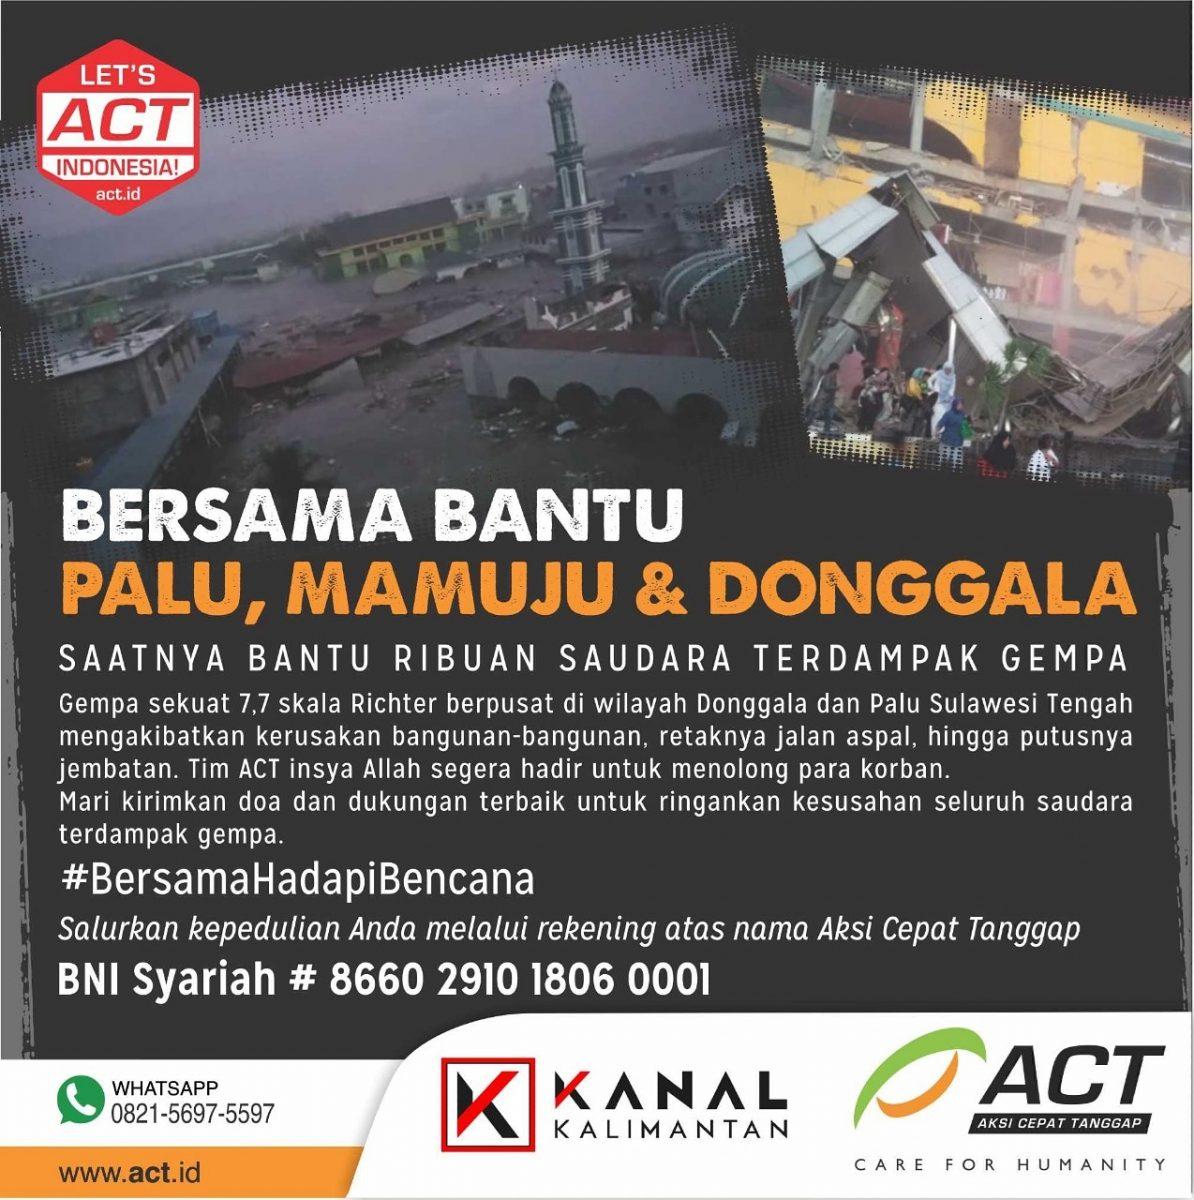 ACT Palu – Kanal Kalimantan